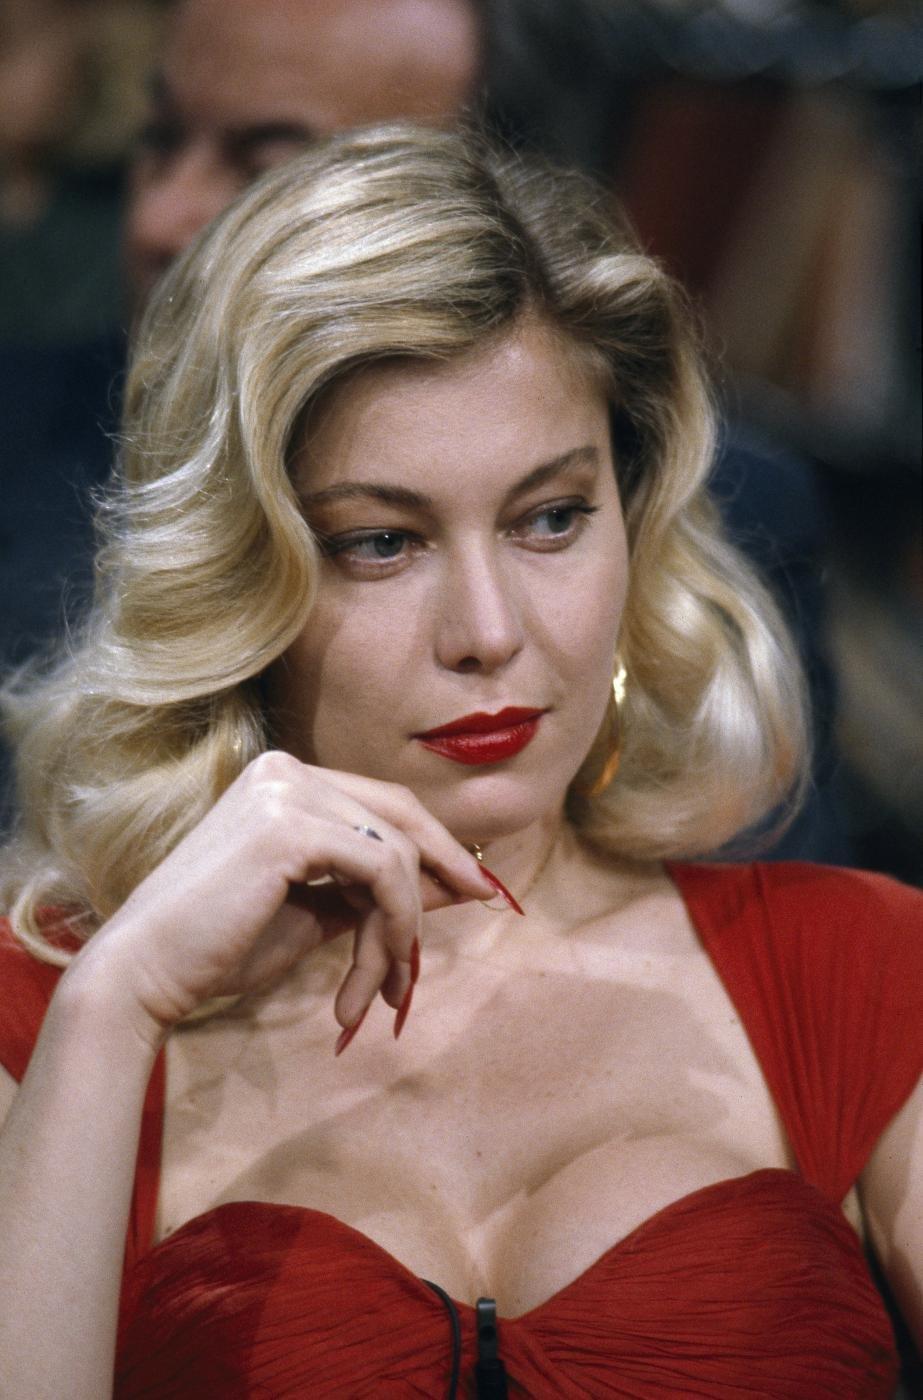 Moana pozzi muore 15 09 1994 sexi attrice curiosando 80 - Diva future porno ...